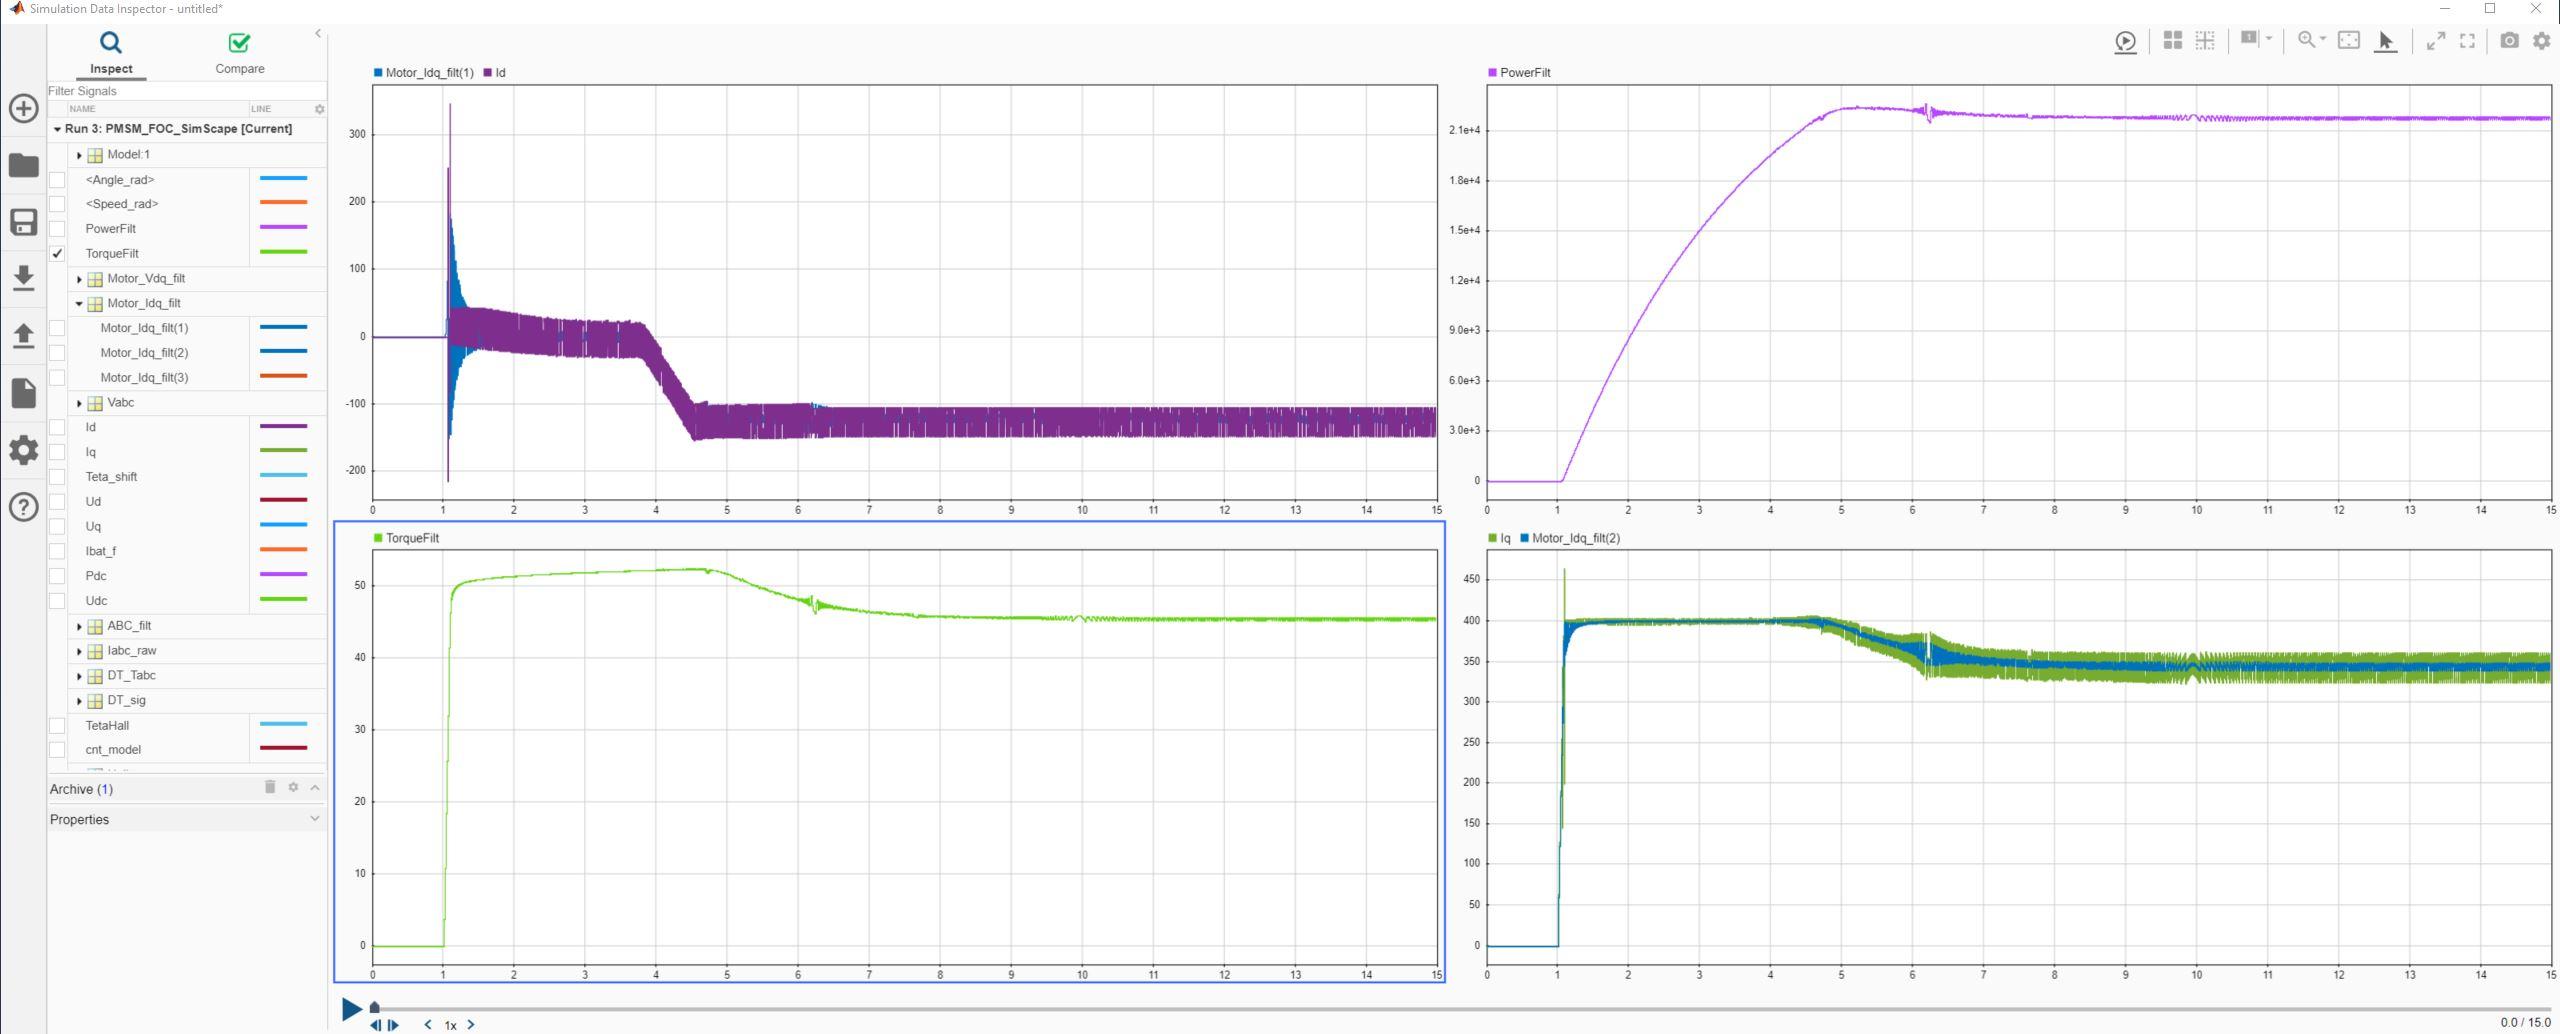 Графики  описывающие разгон и выход на максимальную мощность.